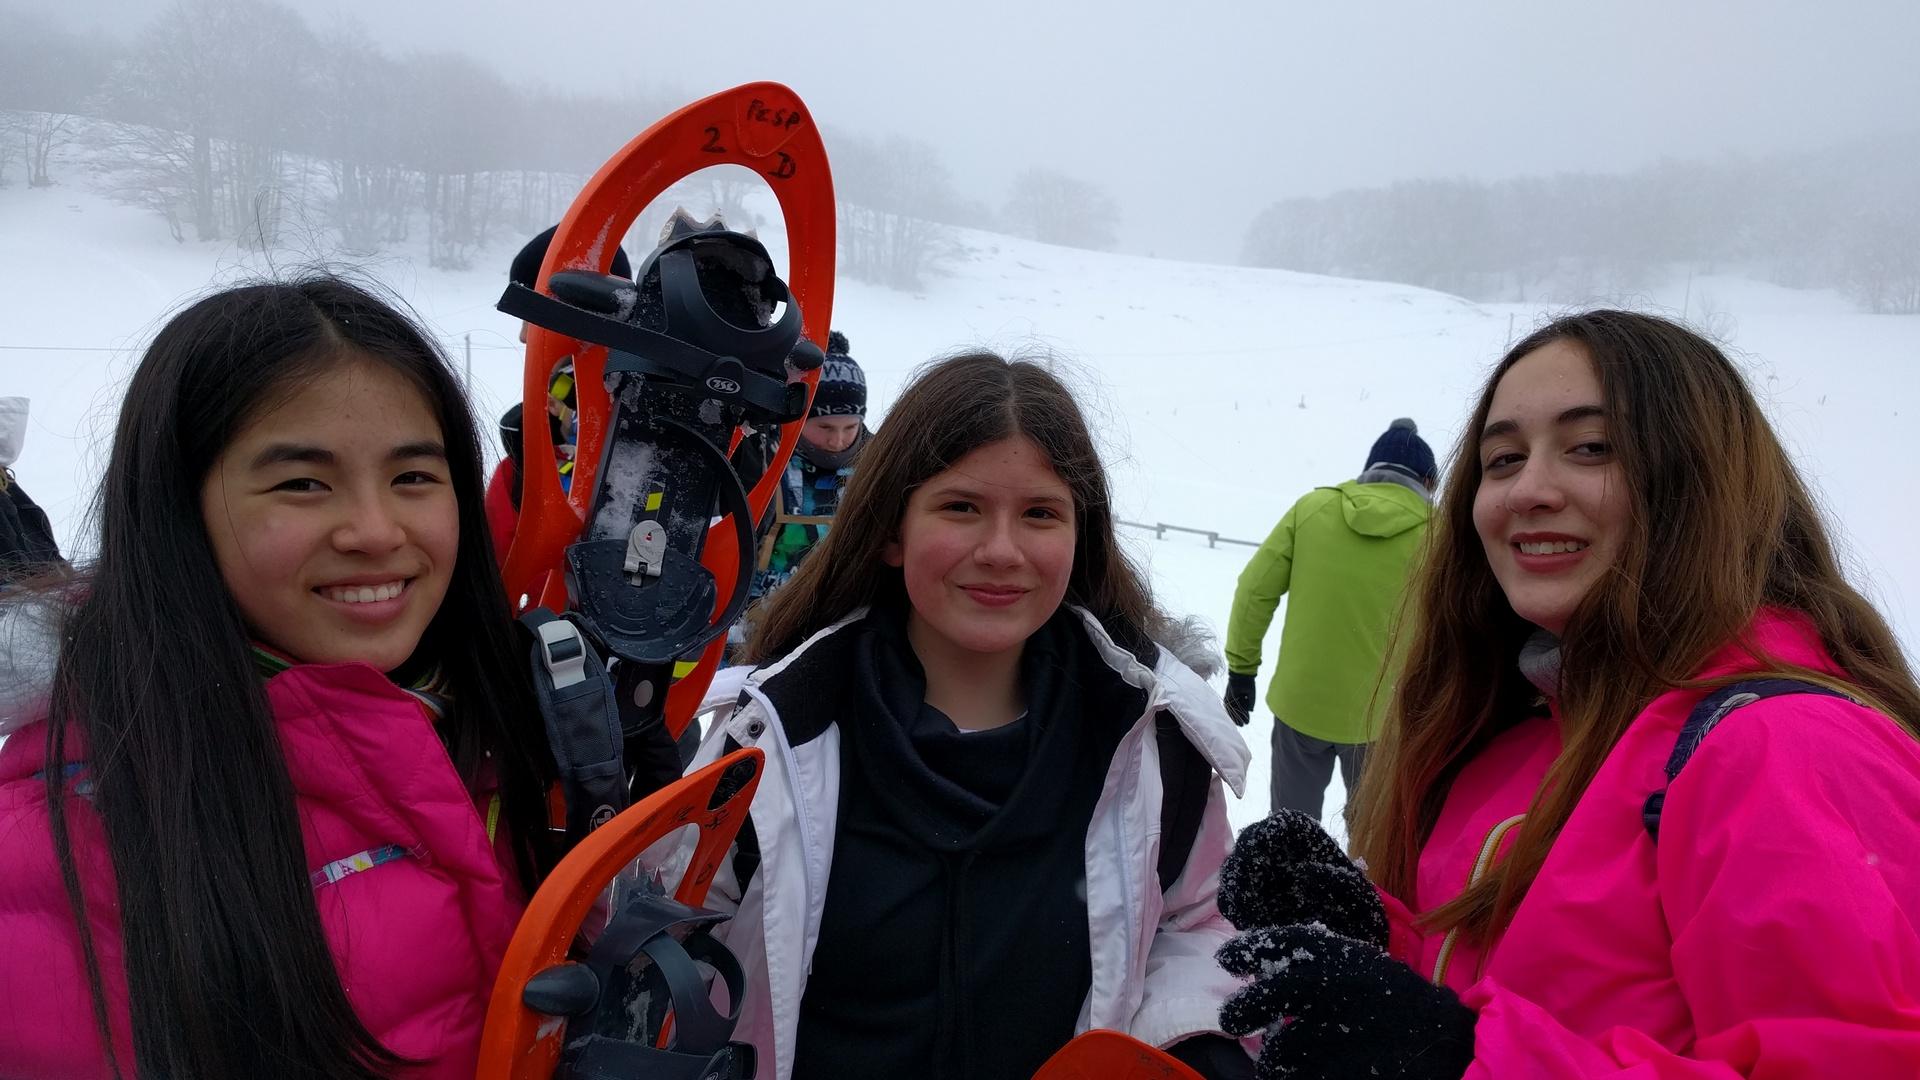 20mar-excursin-con-raquetas-de-nieve-con-los-franceses-en-el-plateau-de-retord03